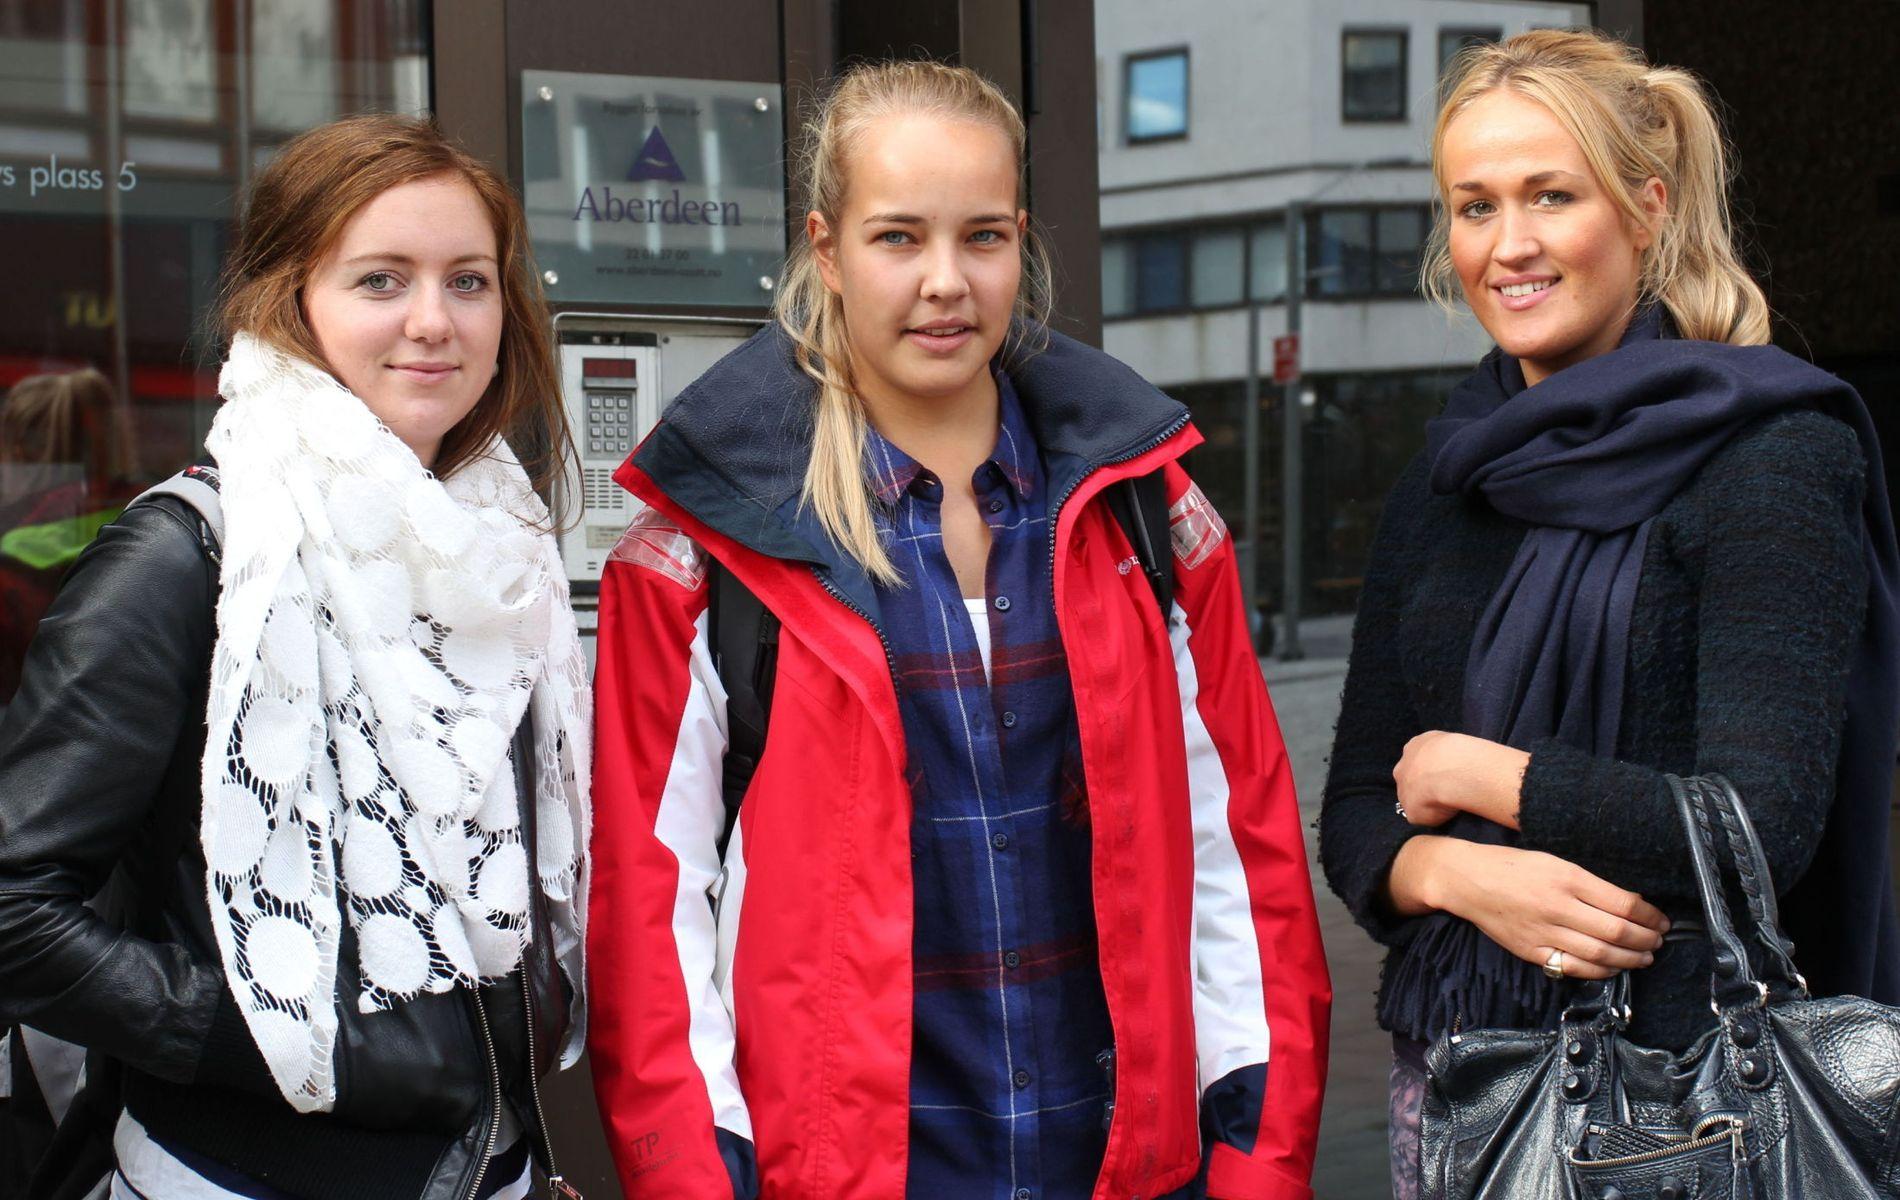 Uten avgift: Studenter kan motta penger av foreldre og besteforeldre uten at det påløper arveavgift. Jusstudentene Kjersti Sandem (22), Frida Vatn Sørlie (22) og Fanny Paus (22) har ikke tenkt på at dette gjelder dem.